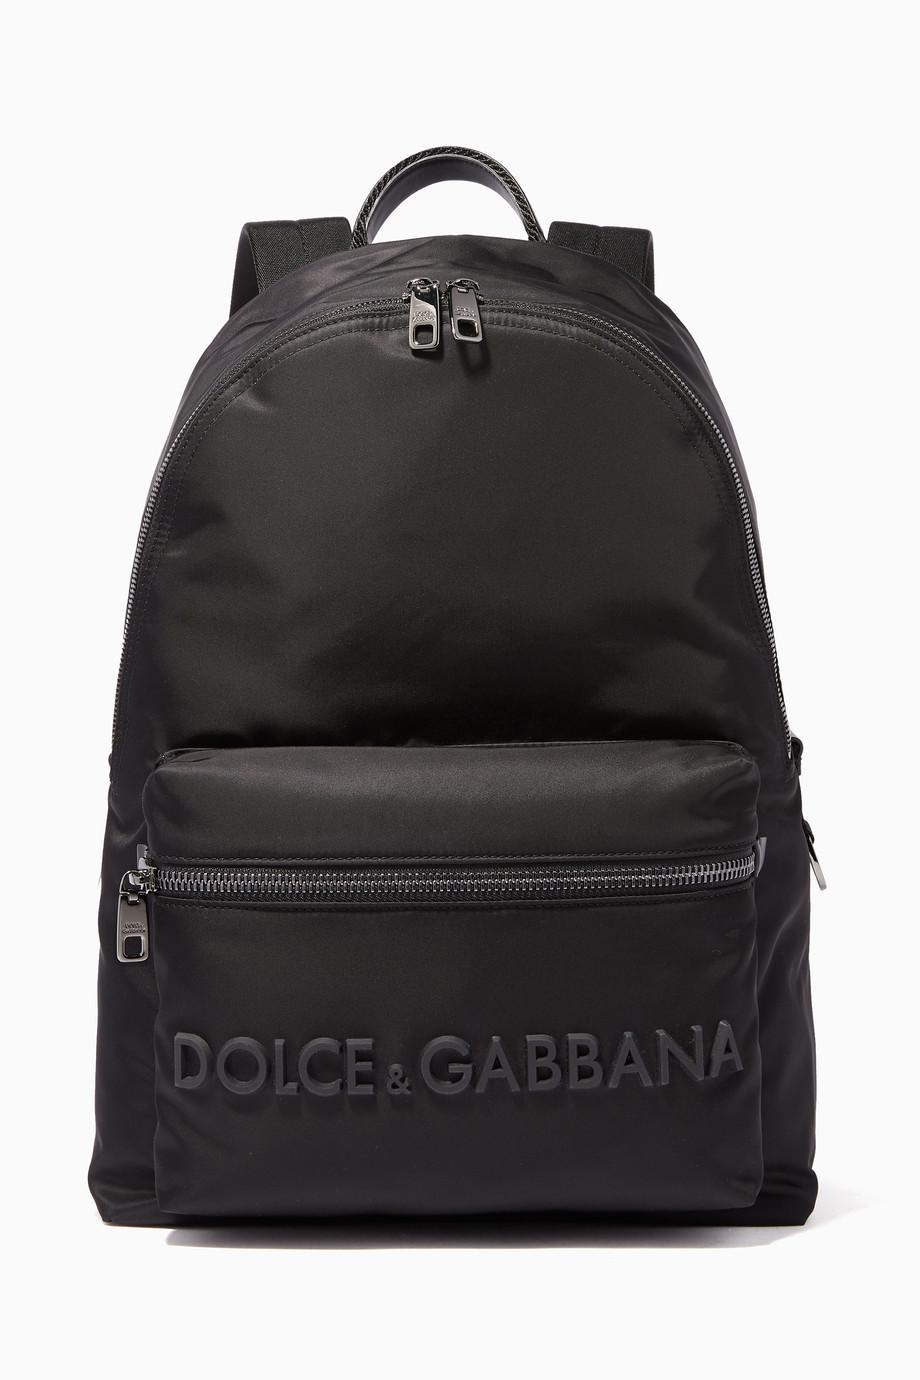 fbd716949 تسوق حقيبة نايلون بشعار بارز أسود دولتشي اند غابانا أسود للرجال ...